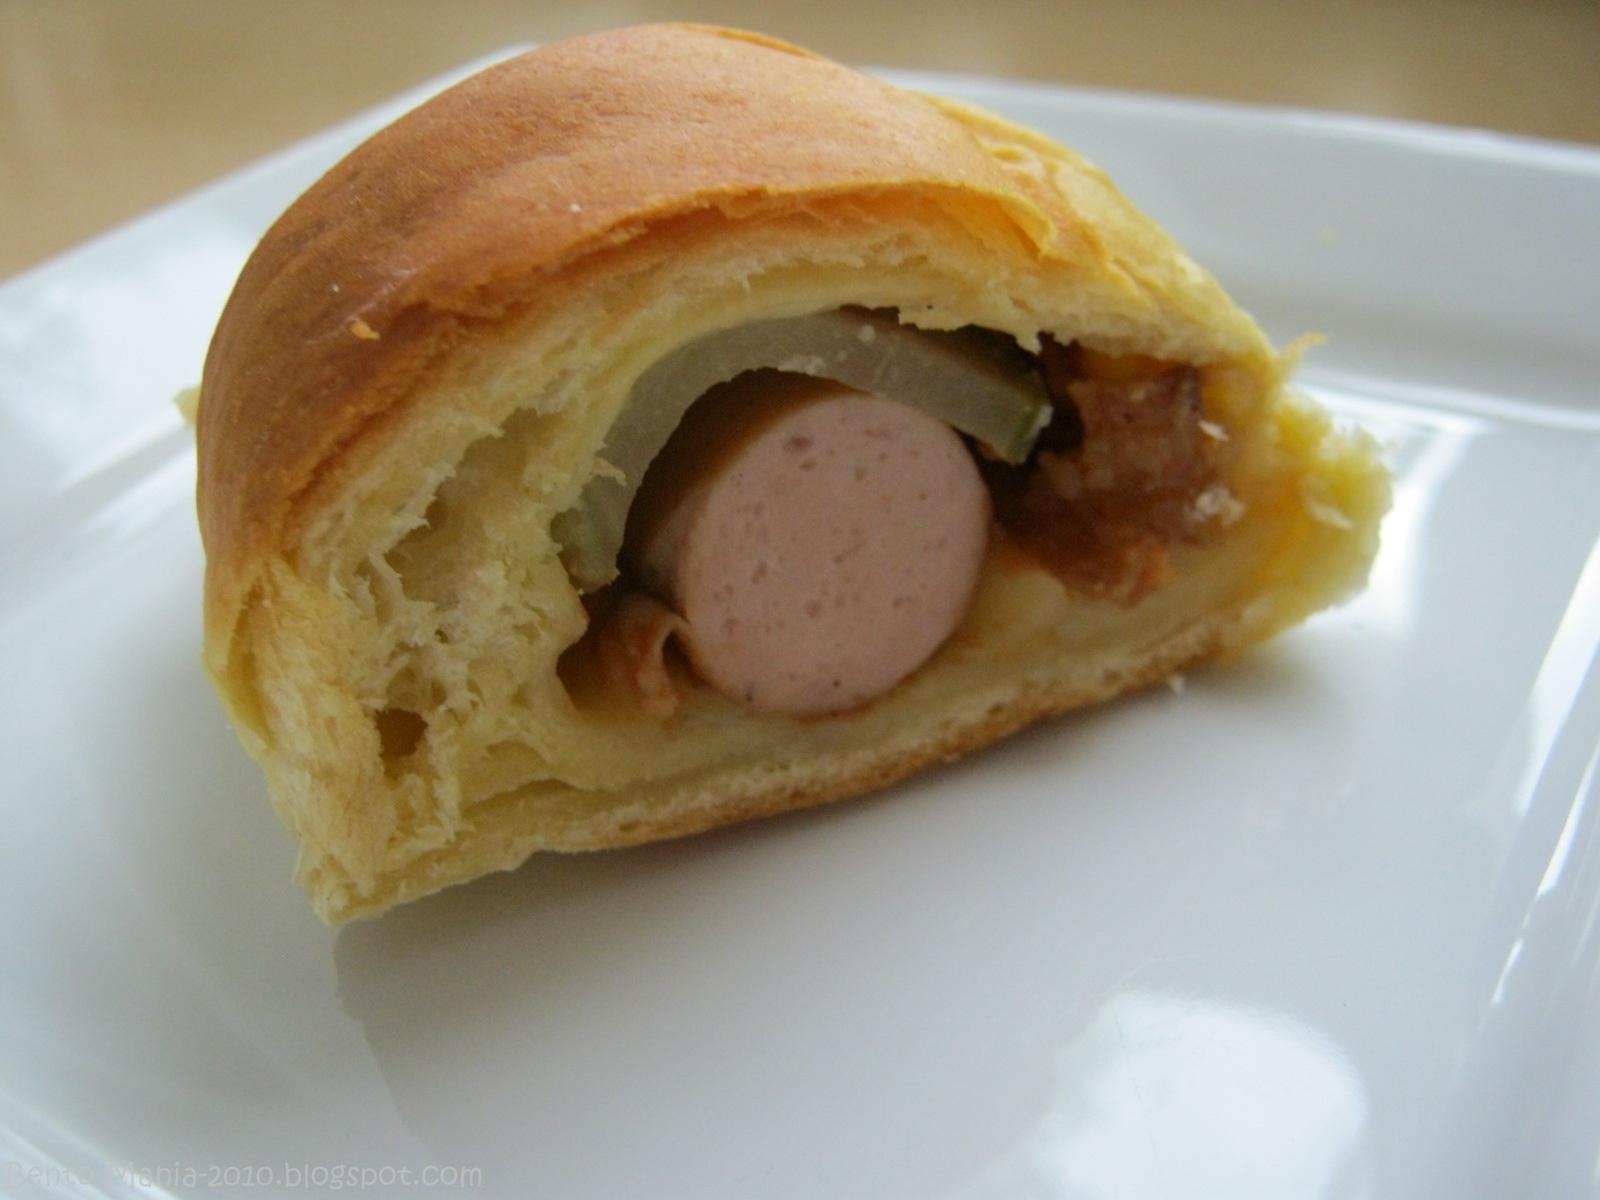 bento mania verr ckt nach der japanischen lunch box rezept des monats schnelle hotdog. Black Bedroom Furniture Sets. Home Design Ideas